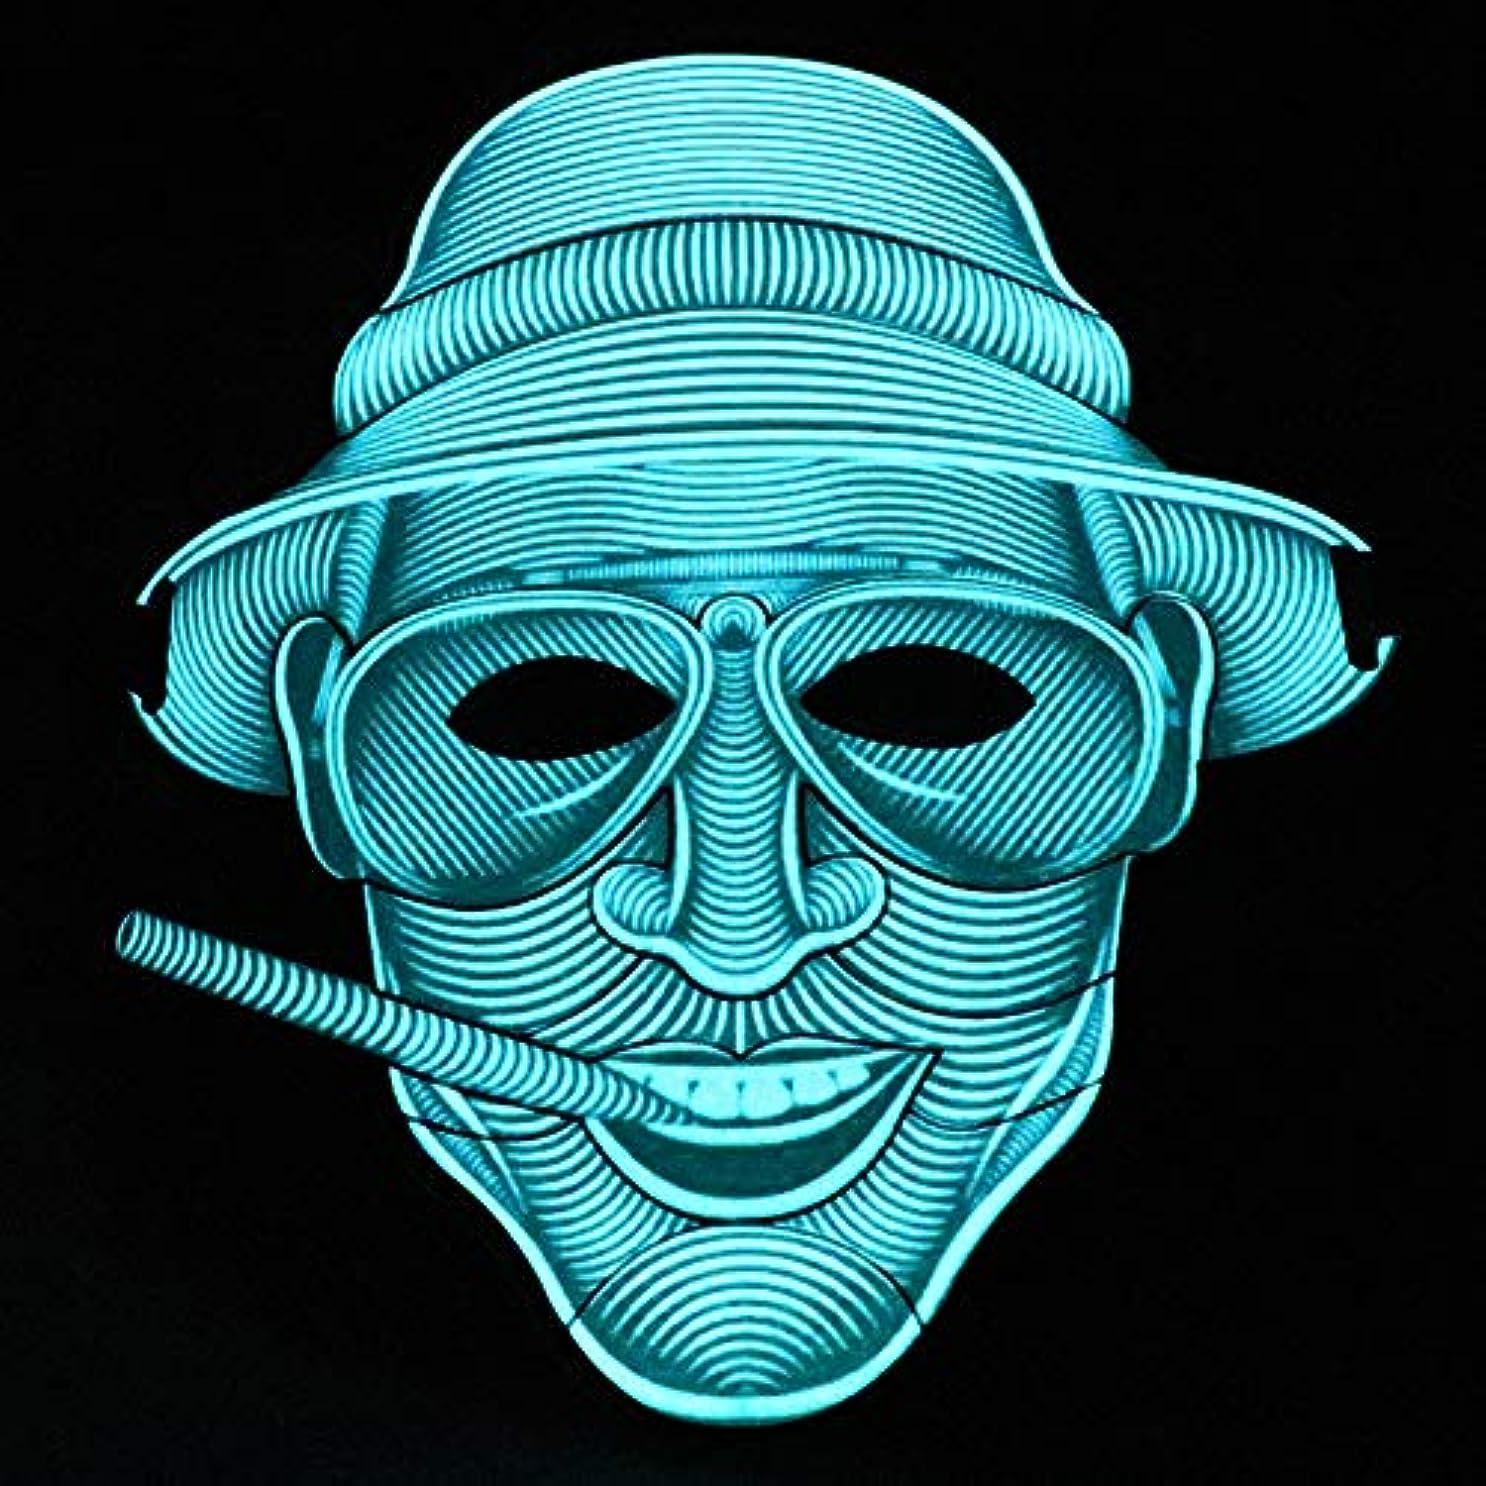 ソファー不名誉保持する照らされたマスクLED創造的な冷光音響制御マスクハロウィンバーフェスティバルダンスマスク (Color : #4)